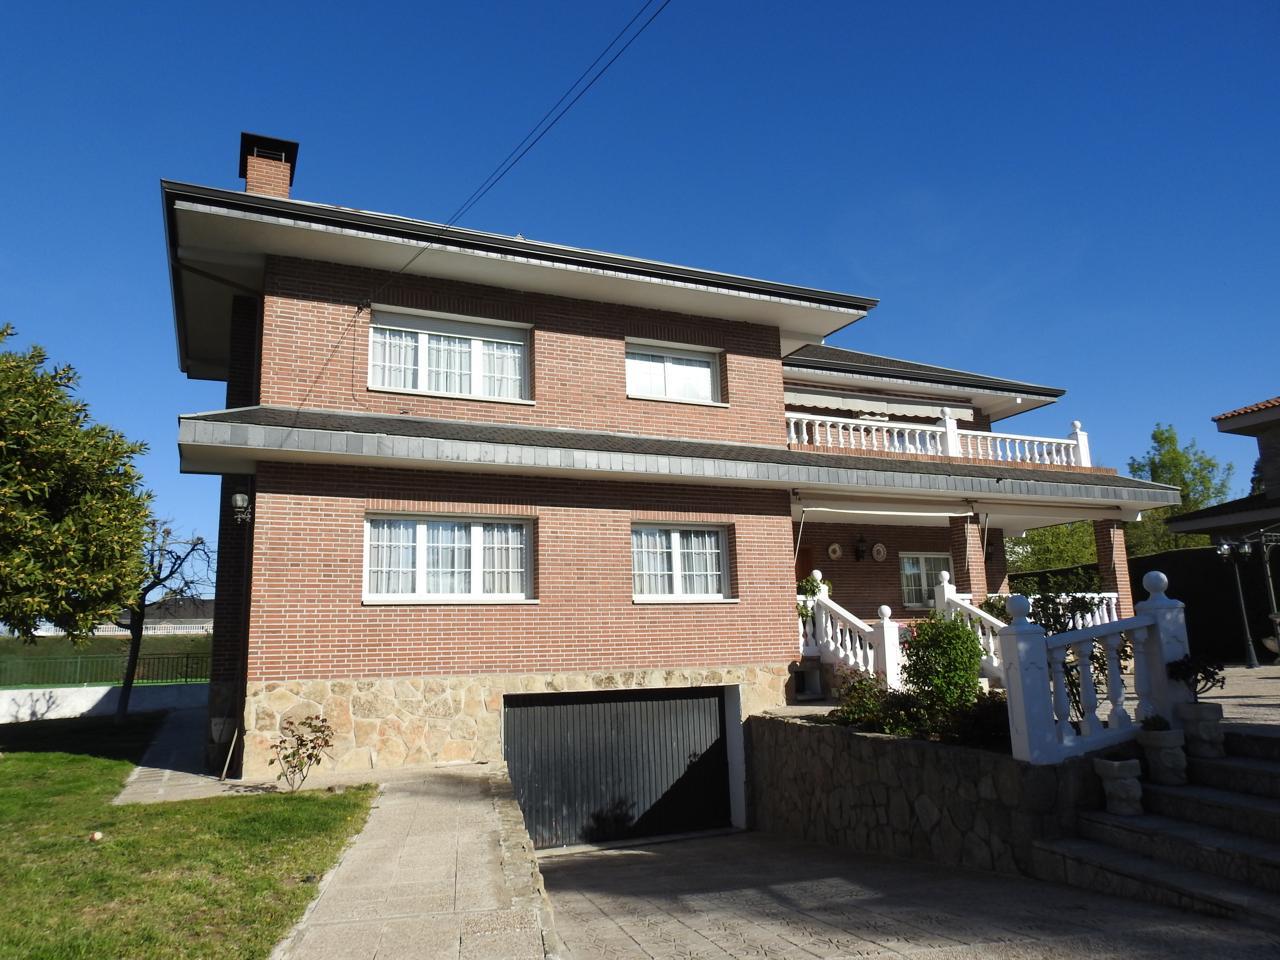 Casa chalet en venta en villaviciosa de od n de 600 m2 - Casas villaviciosa de odon ...